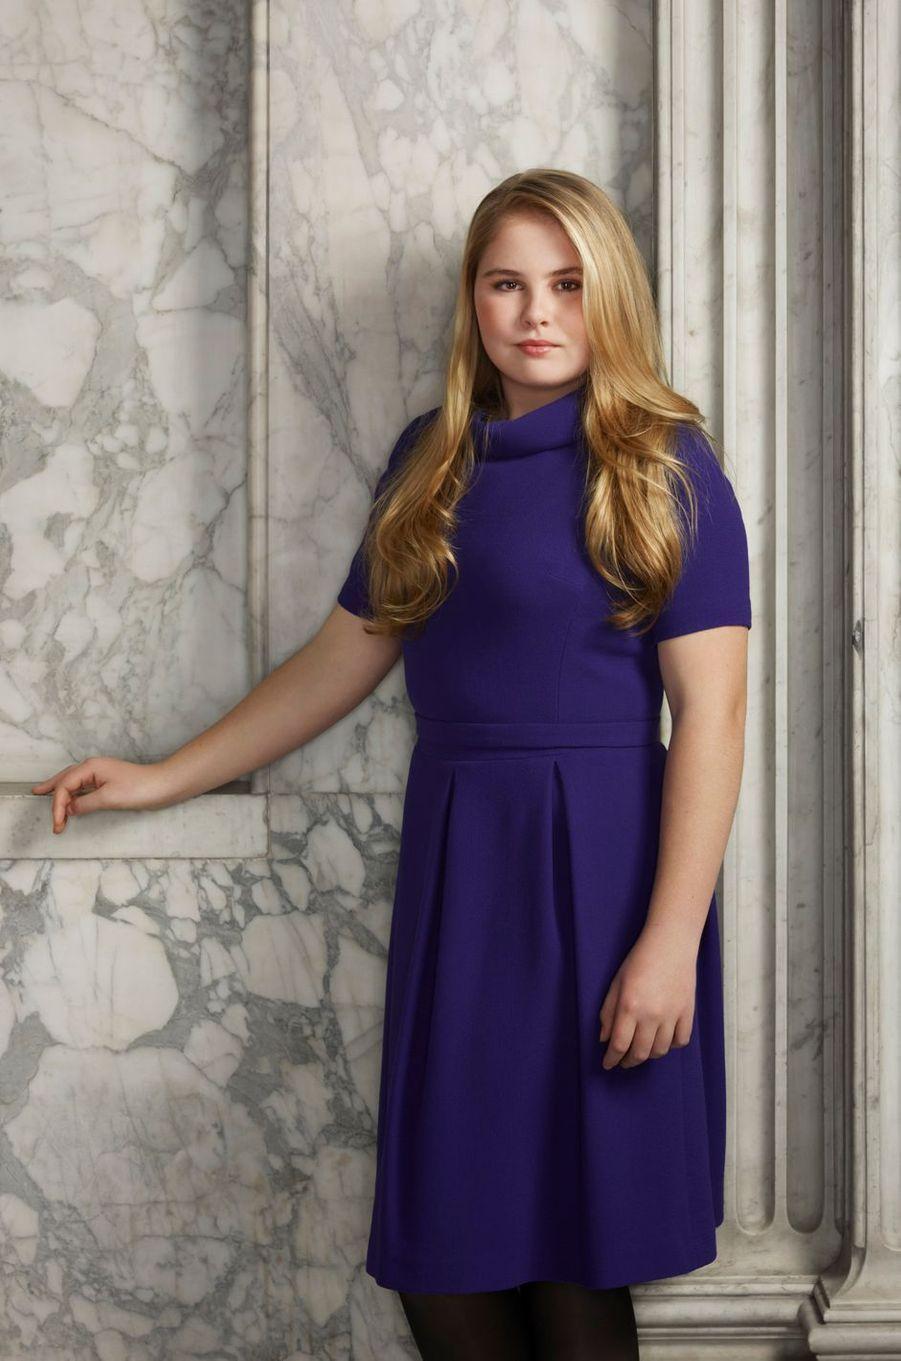 Portrait de laprincesse Catharina-Amalia des Pays-Bas, en mars 2018